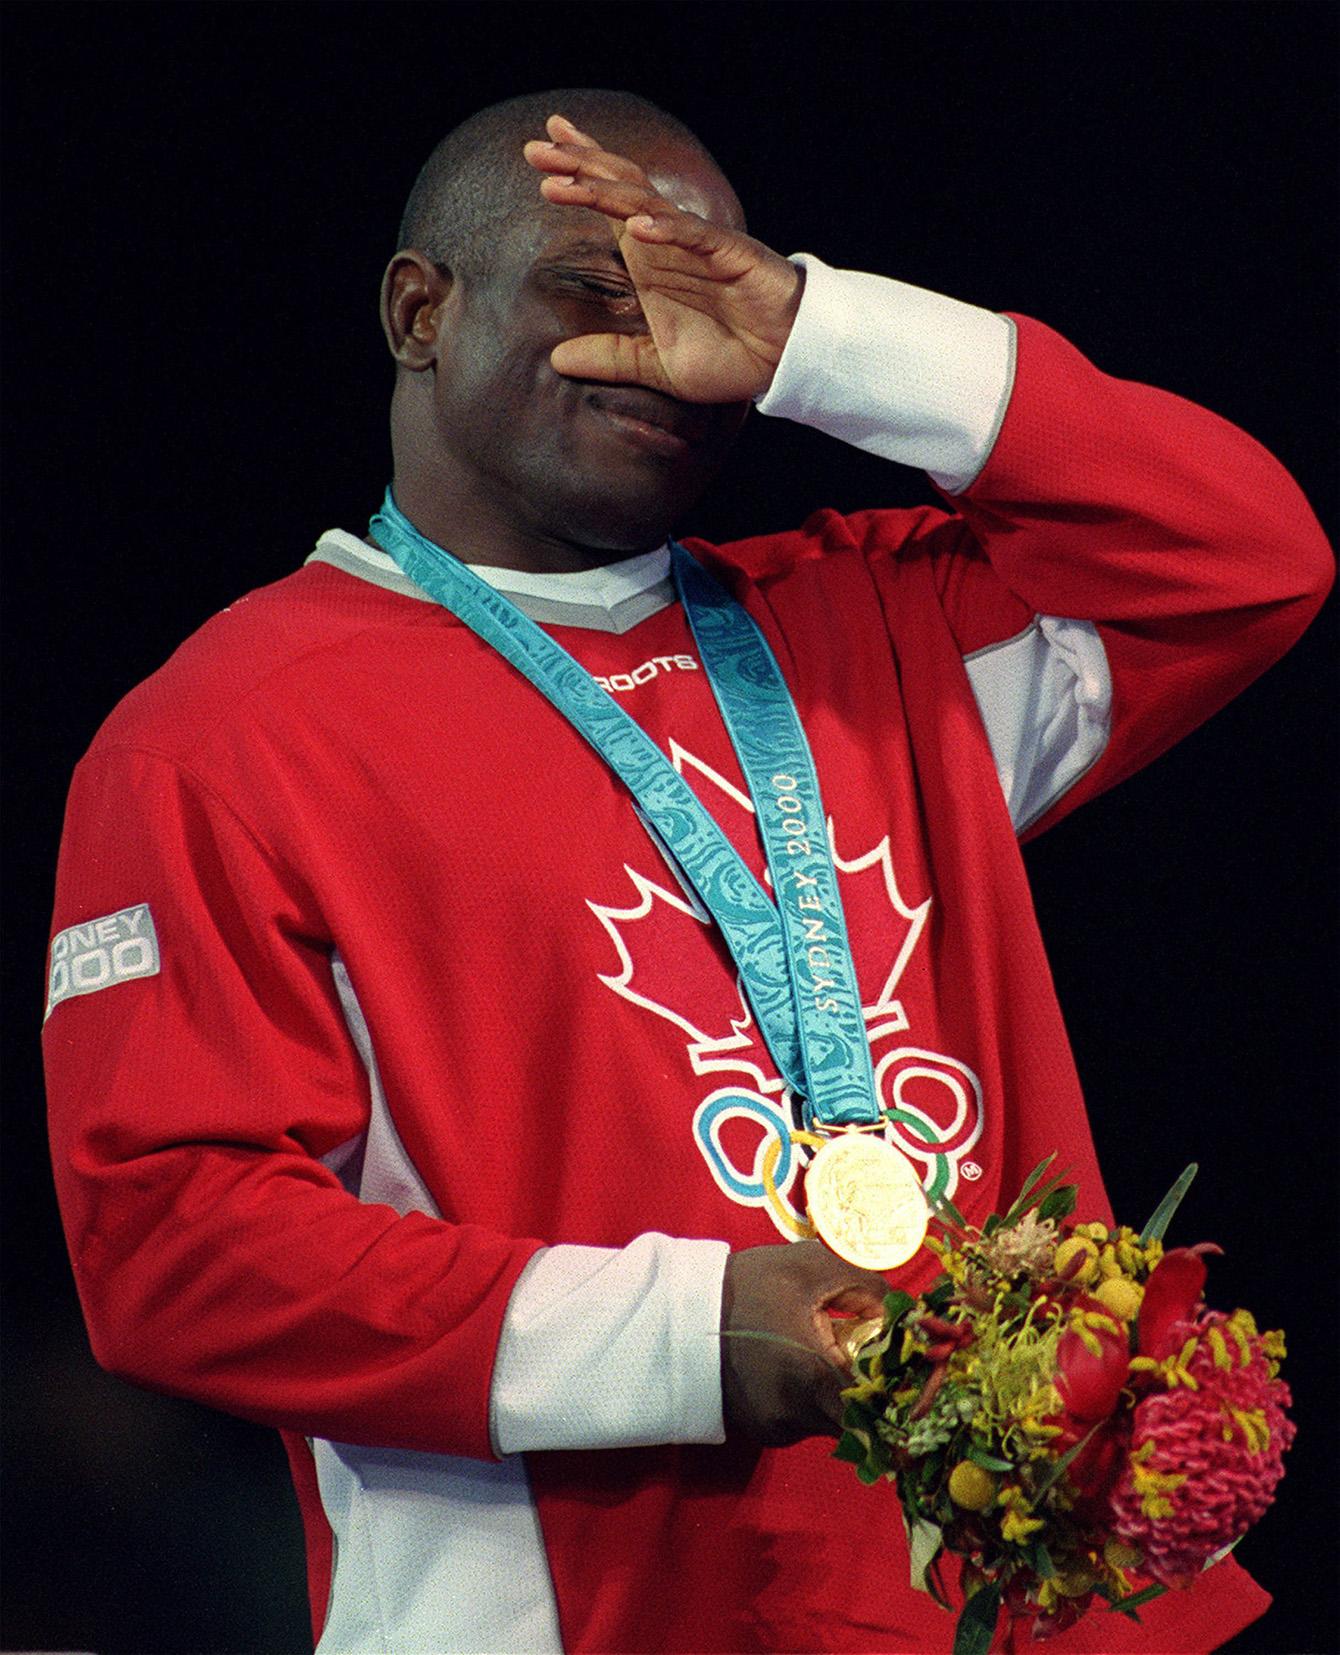 Daniel Igali essuie une larme alors qu'il vient de recevoir sa médaille d'or